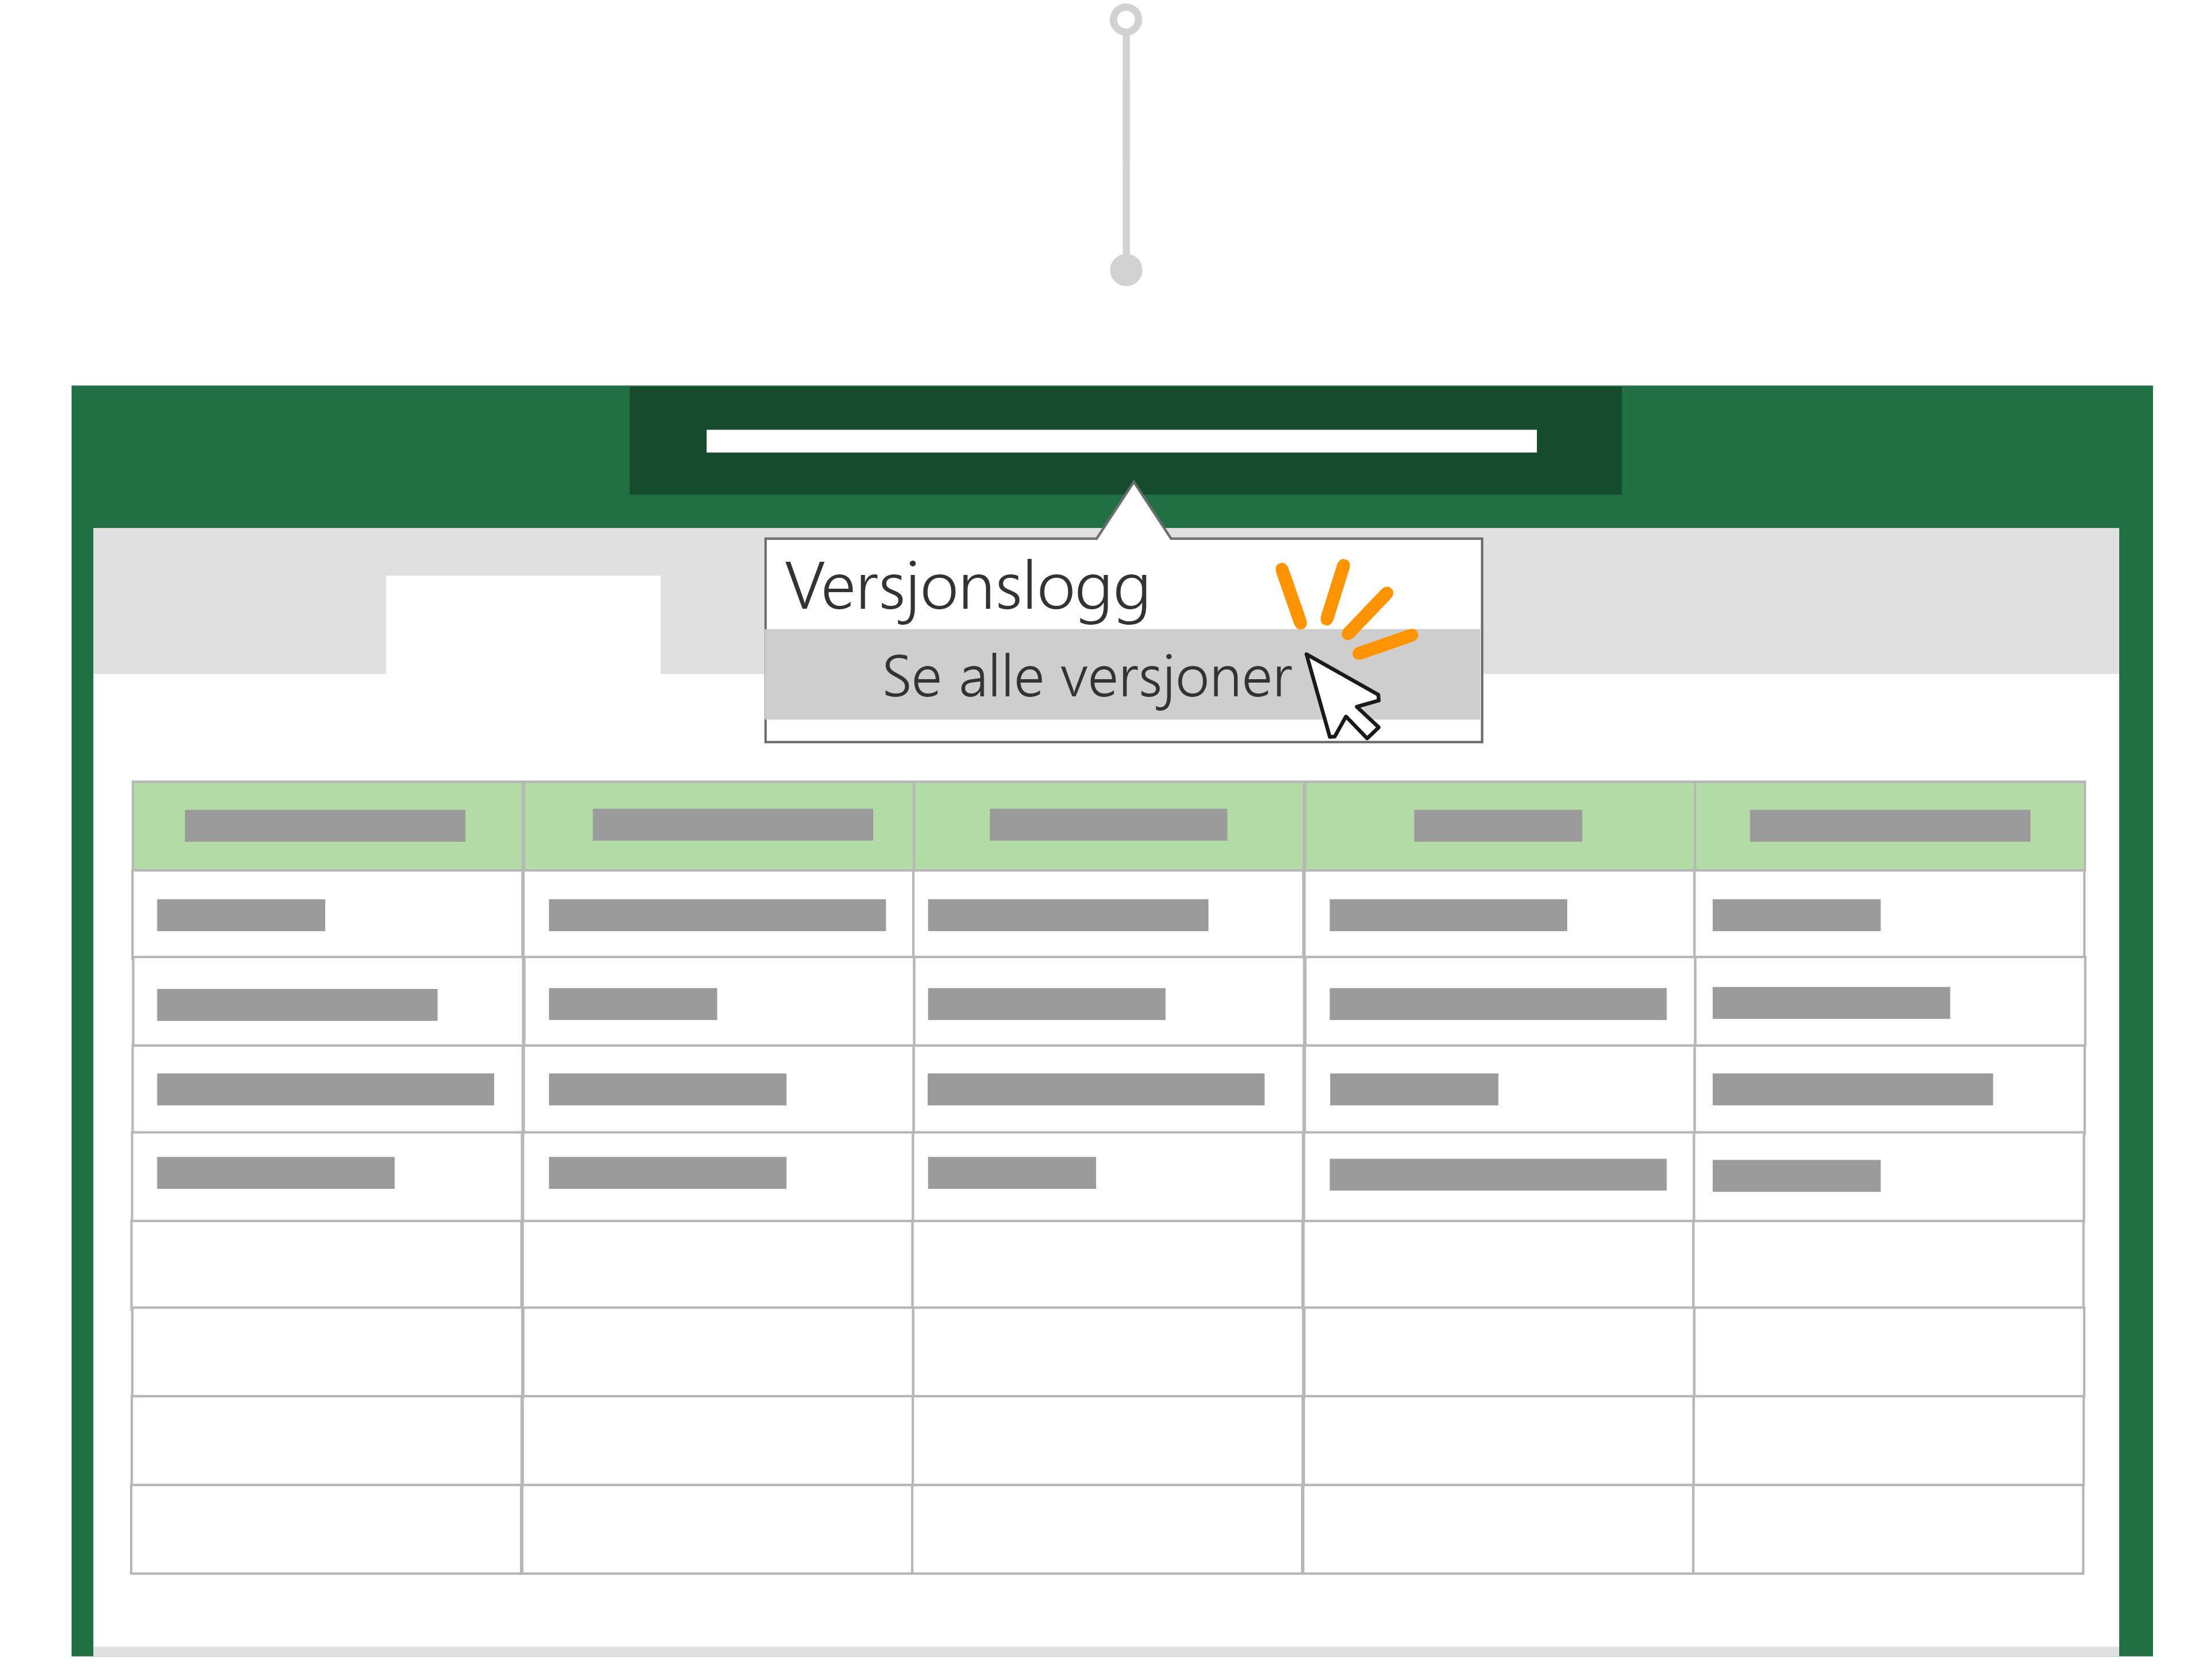 Bruk versjons Logg til å gå tilbake til en tidligere versjon av en fil.